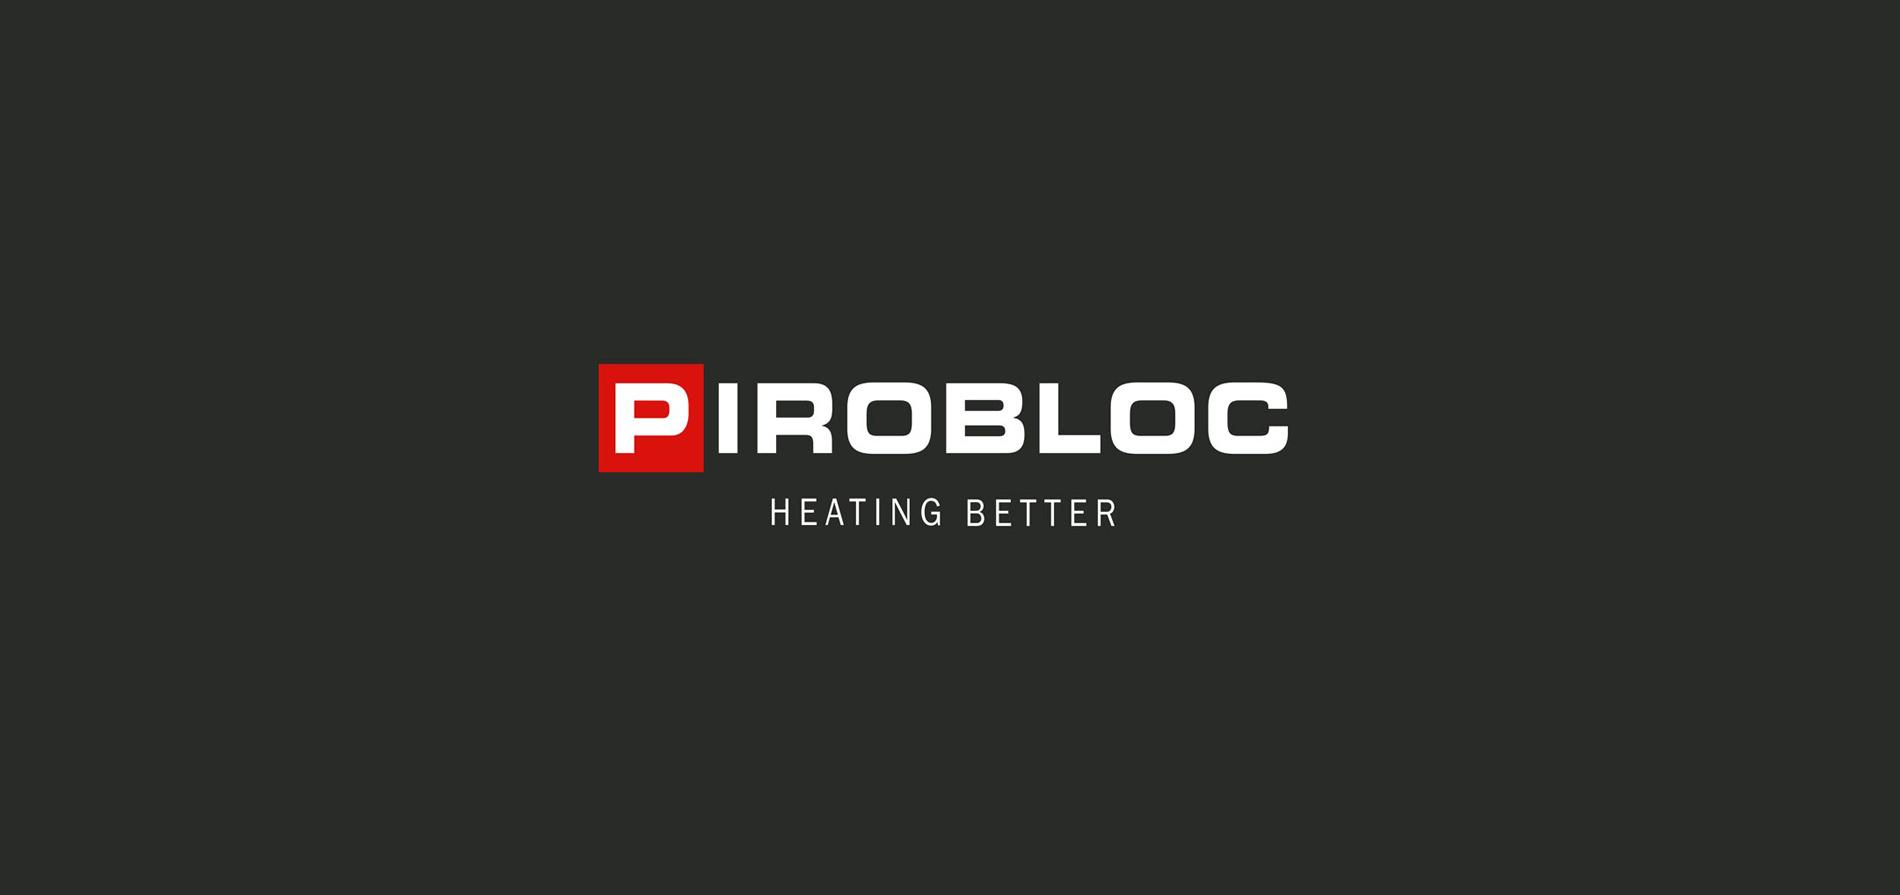 diseno grafico branding identidad corporativa logotipo pirobloc destacado